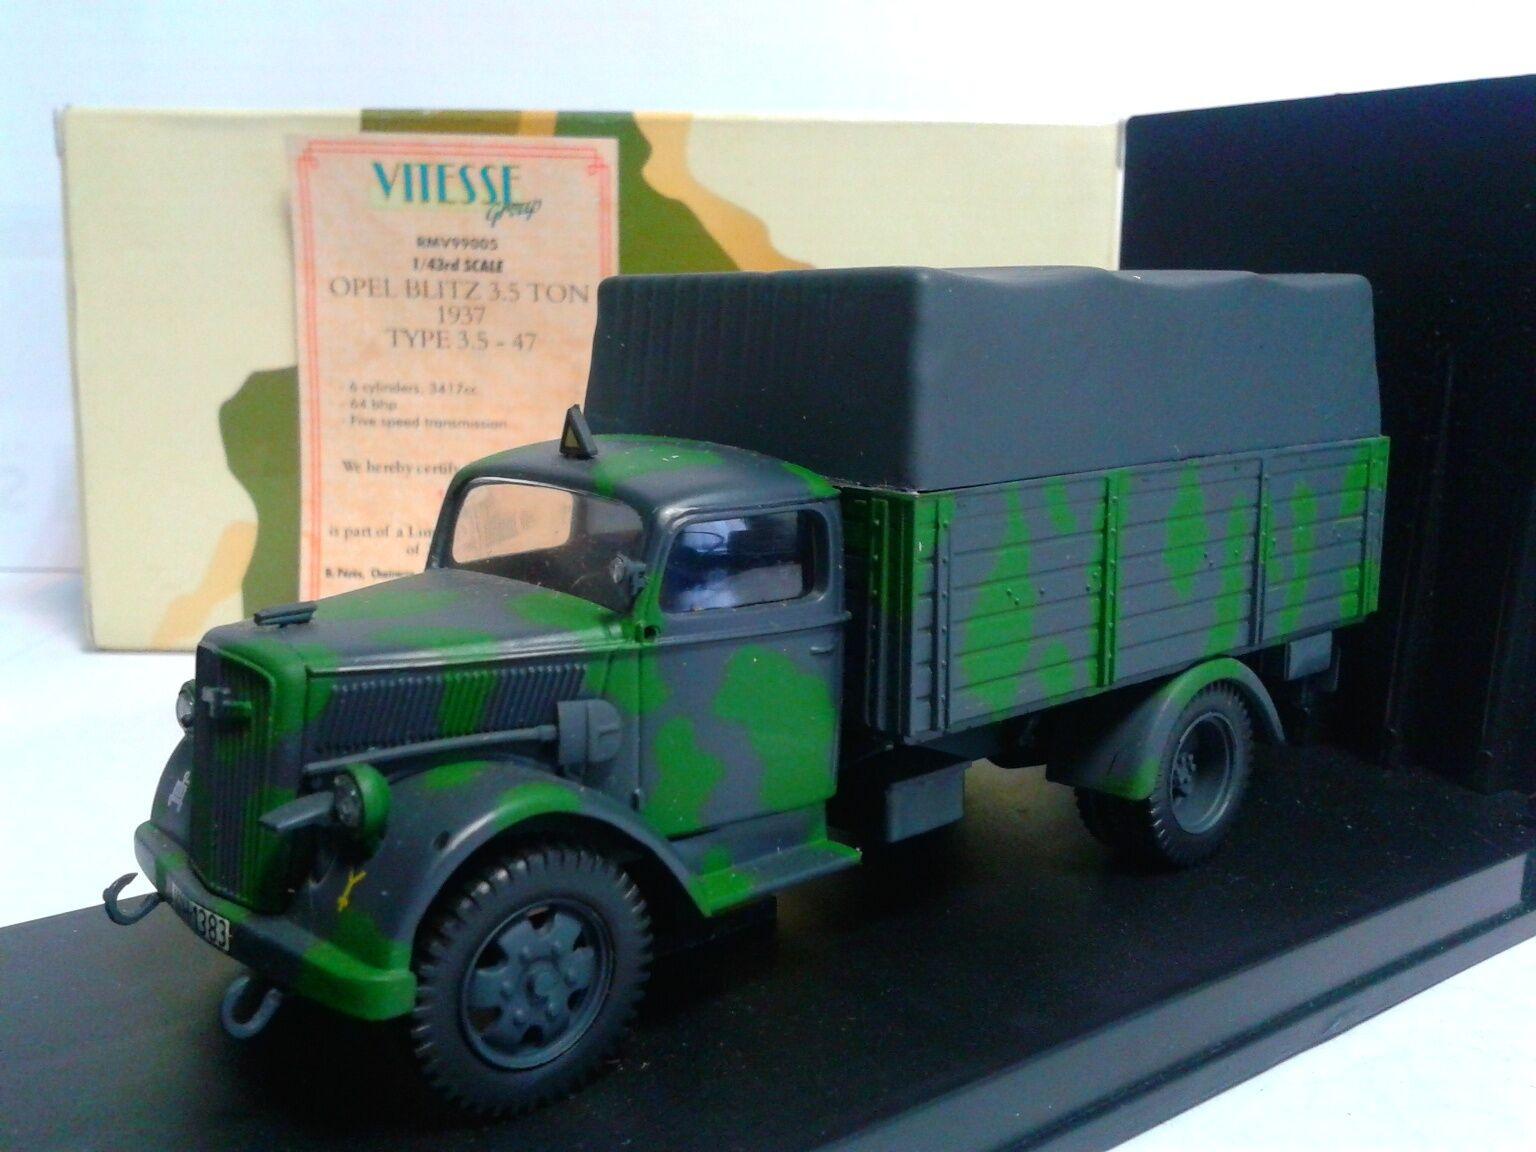 Vitesse Victoria OPEL Blitz 3,5 Ton Wehrmacht Wehrmacht Wehrmacht camo Limited Edition WWII RMV99005 001350